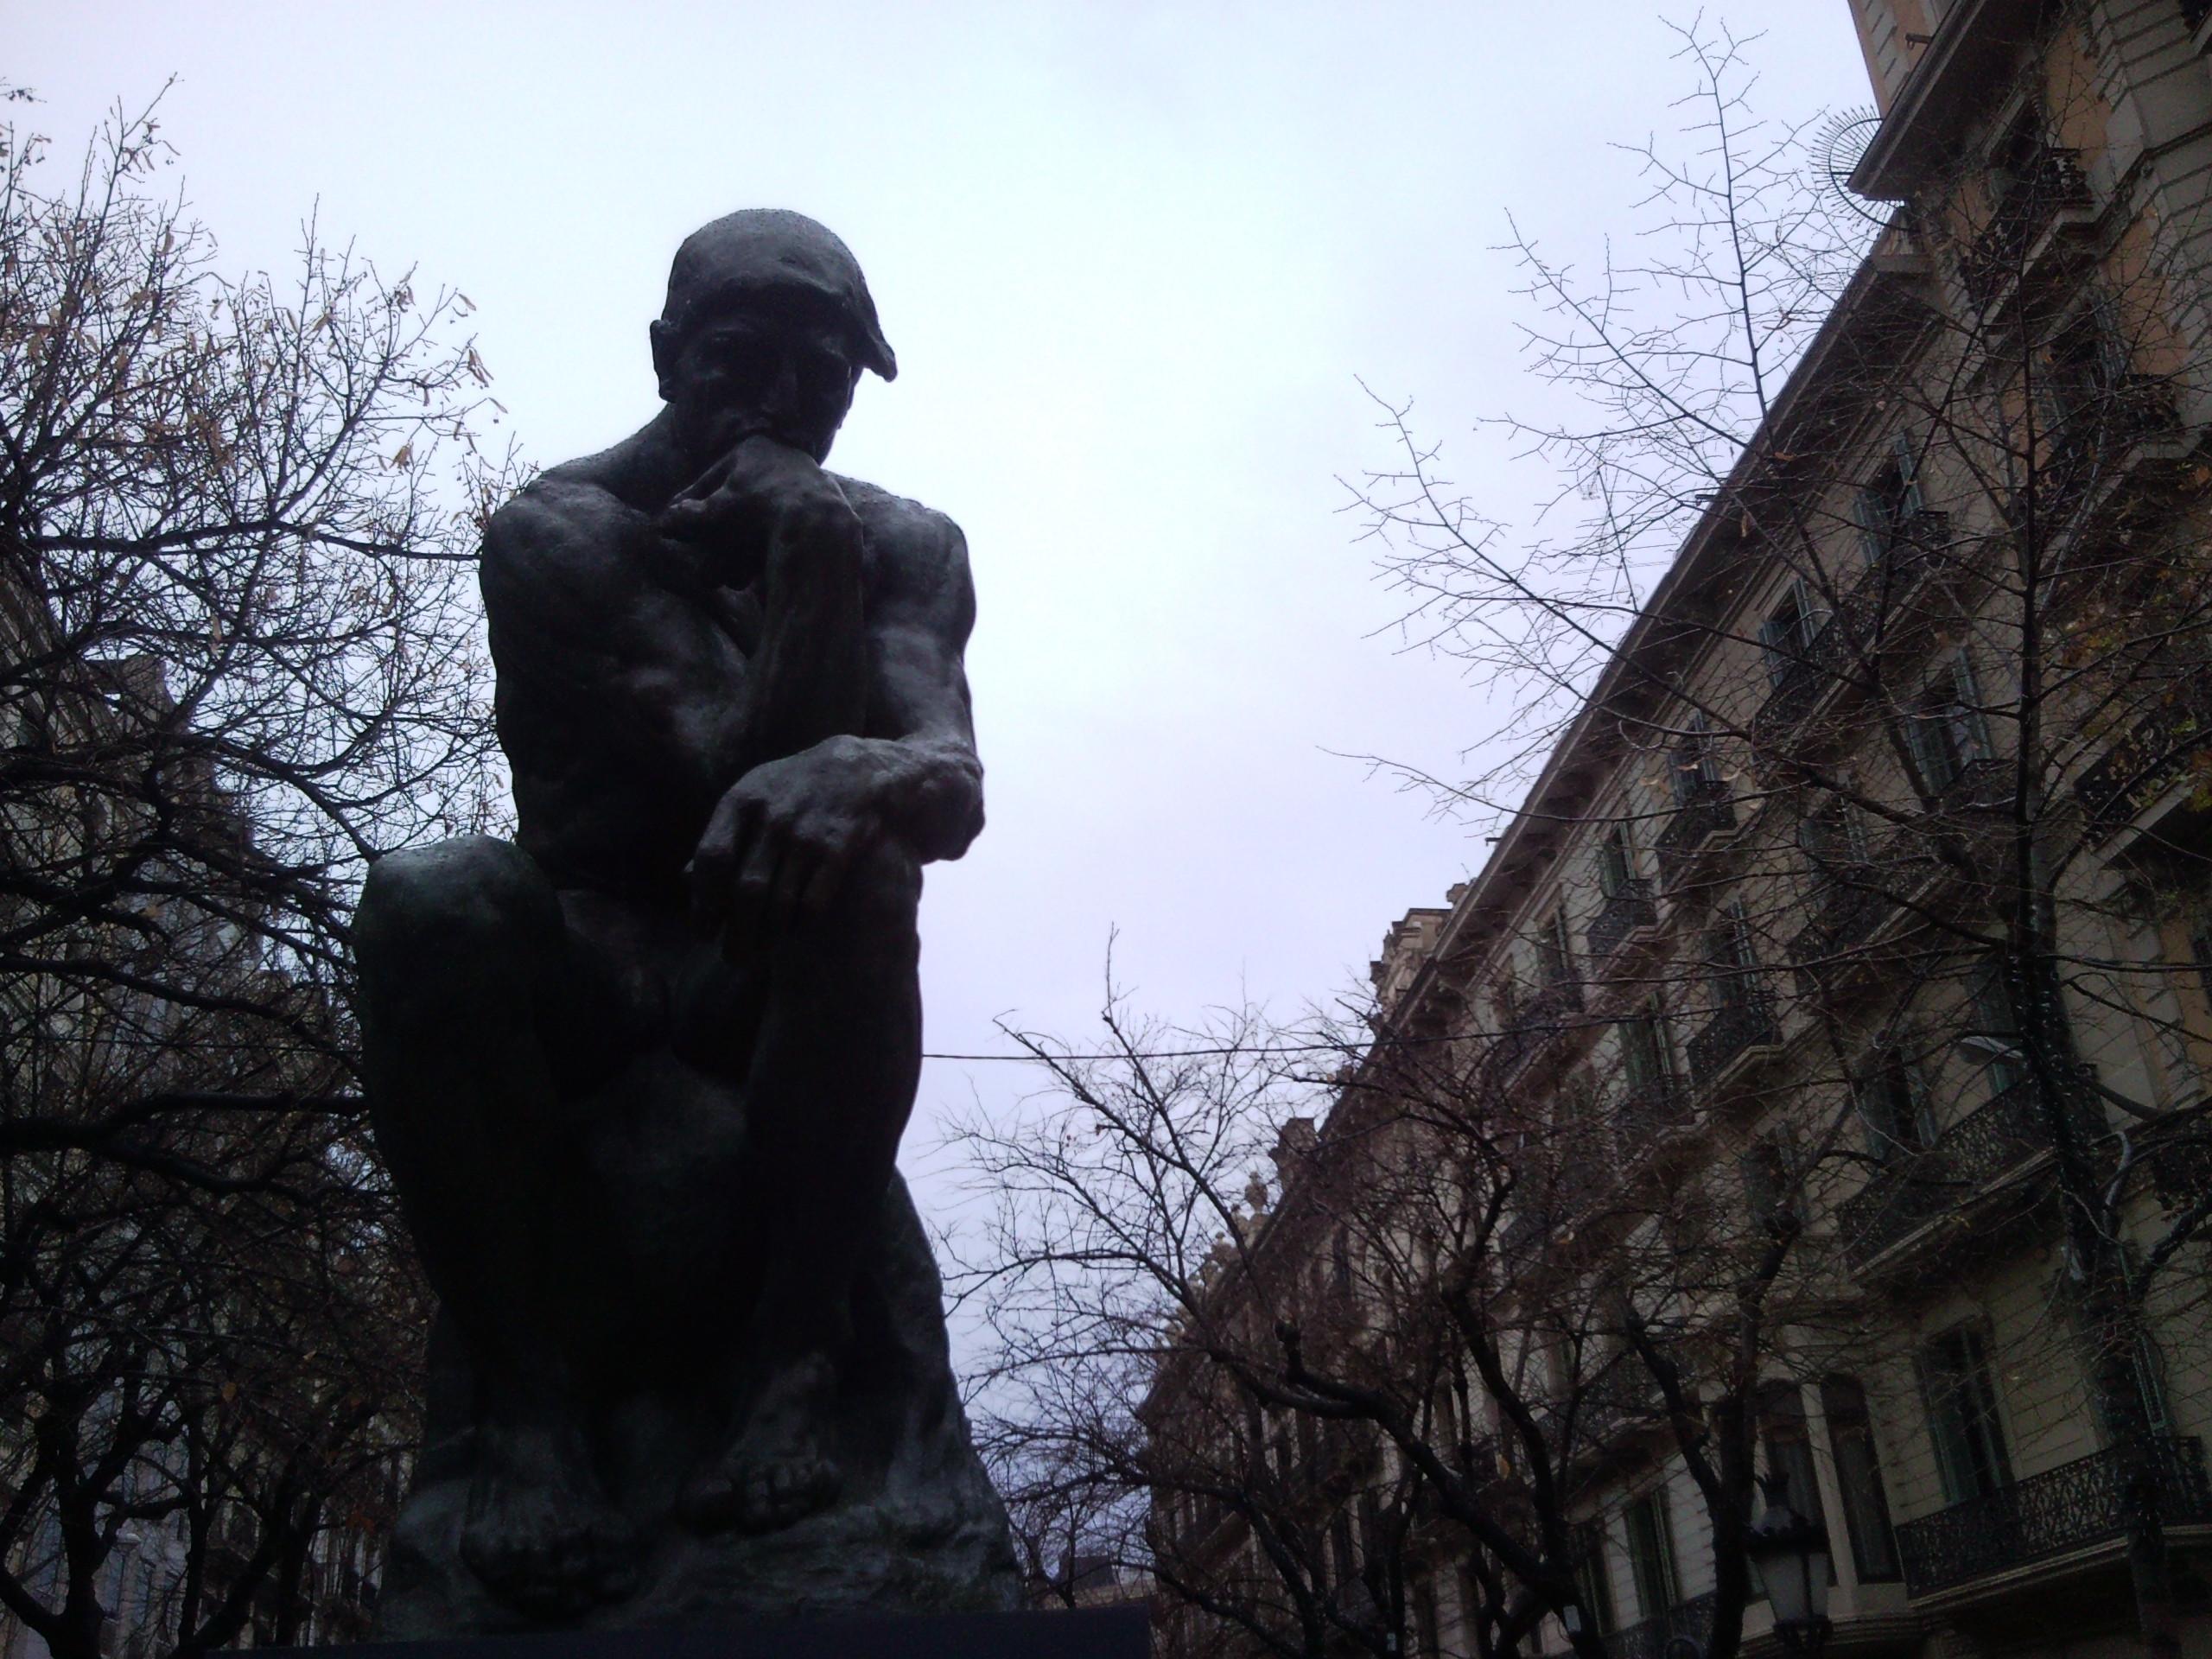 El hombre pensante de Rodin